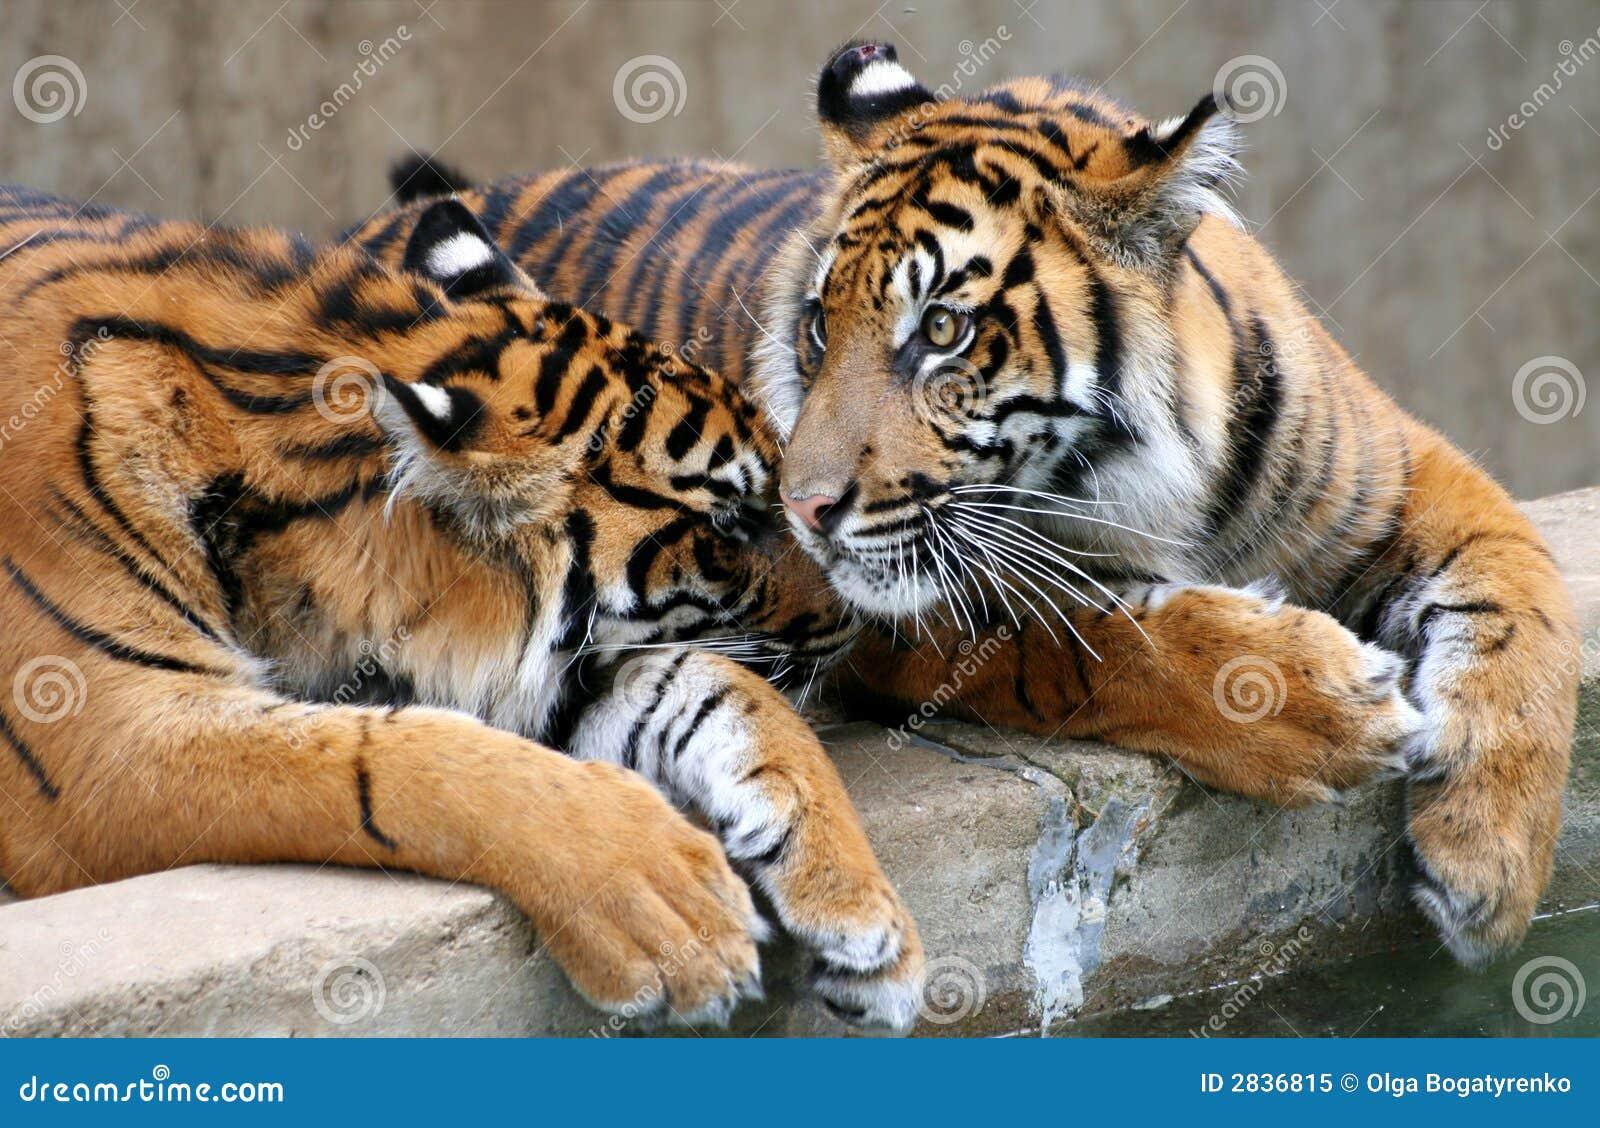 Deux tigres image stock image du pouvoir raie motion - Images tigres gratuites ...